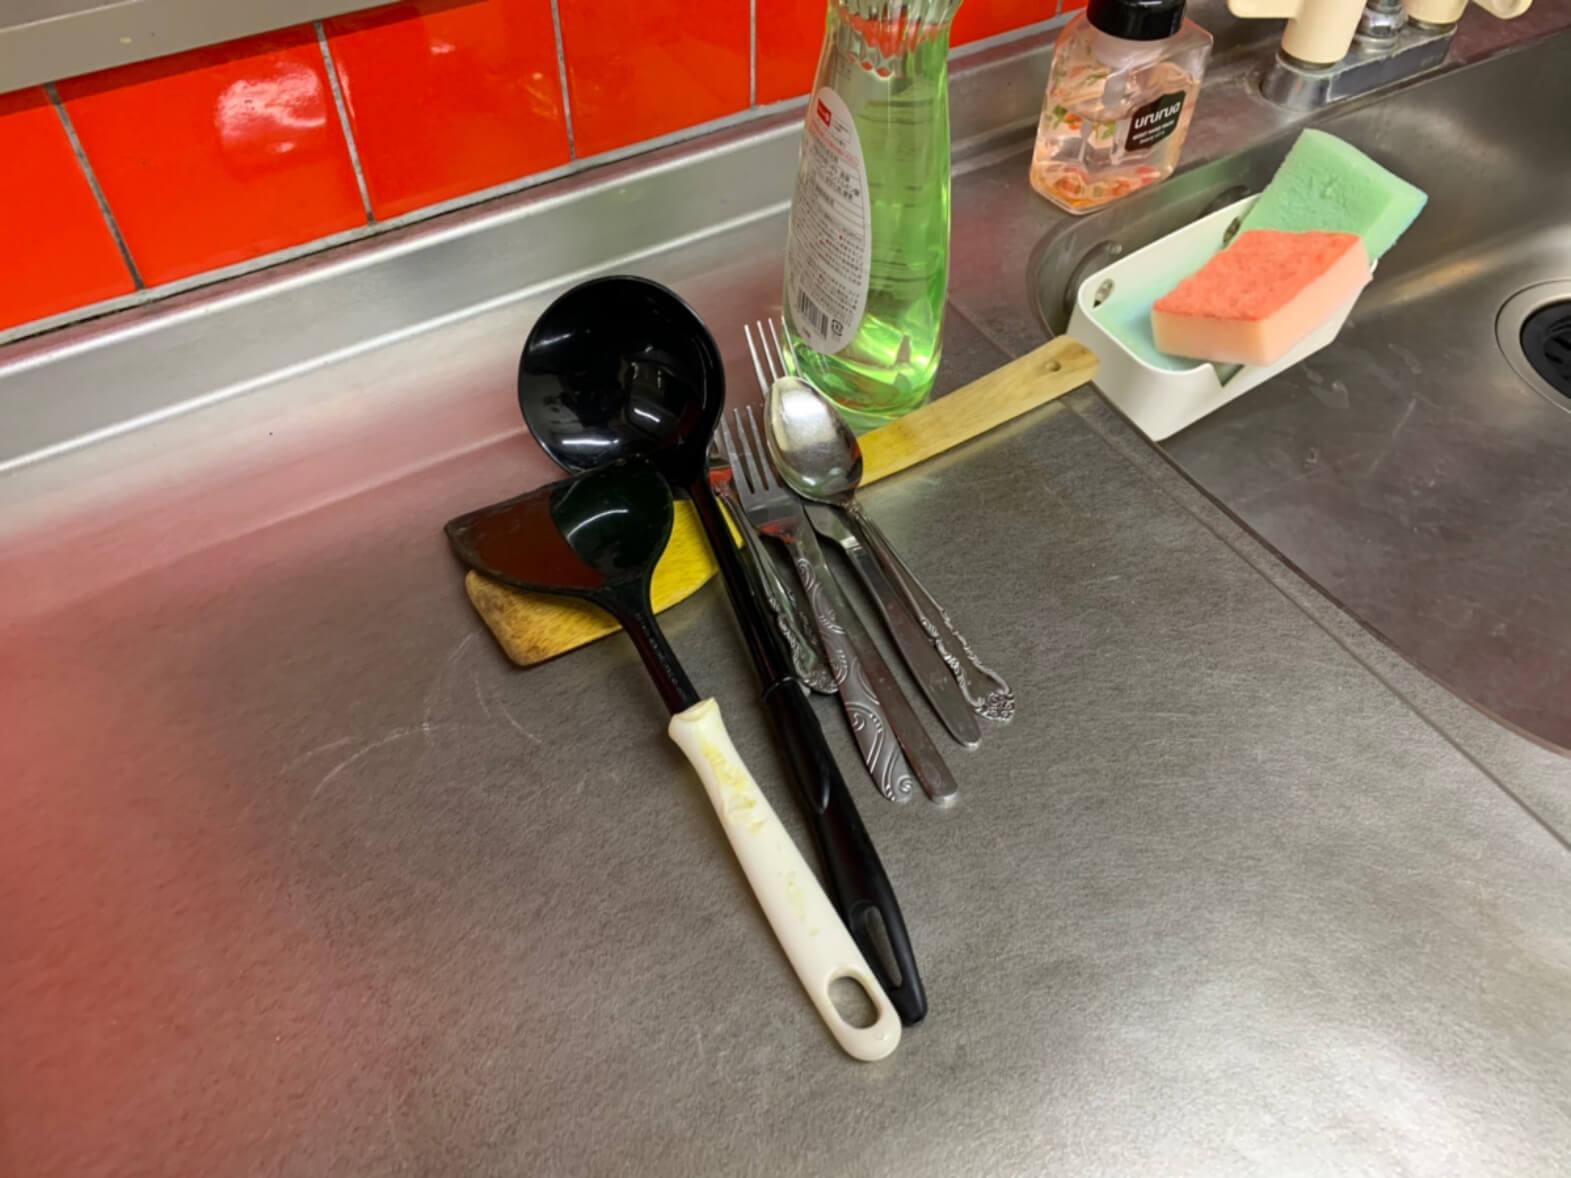 業者を名乗る男がおもむろに食器を洗い始める。洗った食器をおく場所はない見たい。